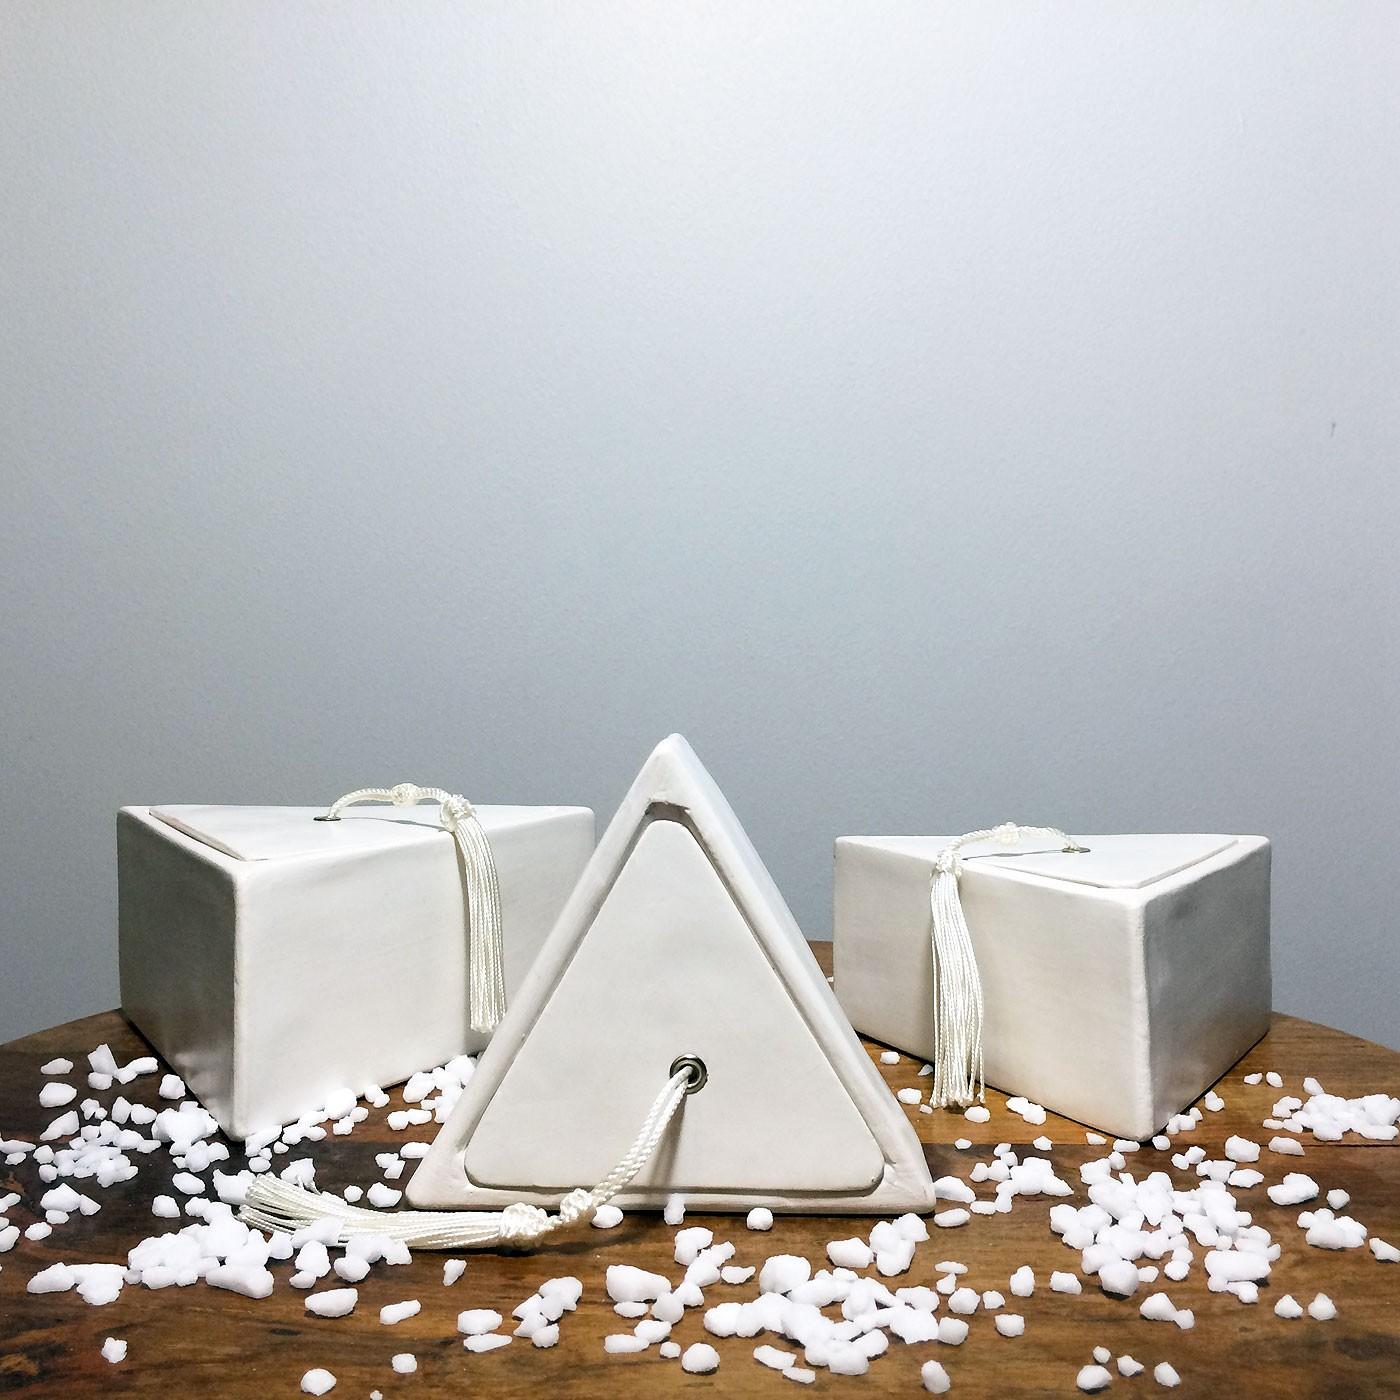 Accessoires salle de bain triangulaire for Cedeo accessoires salle de bain